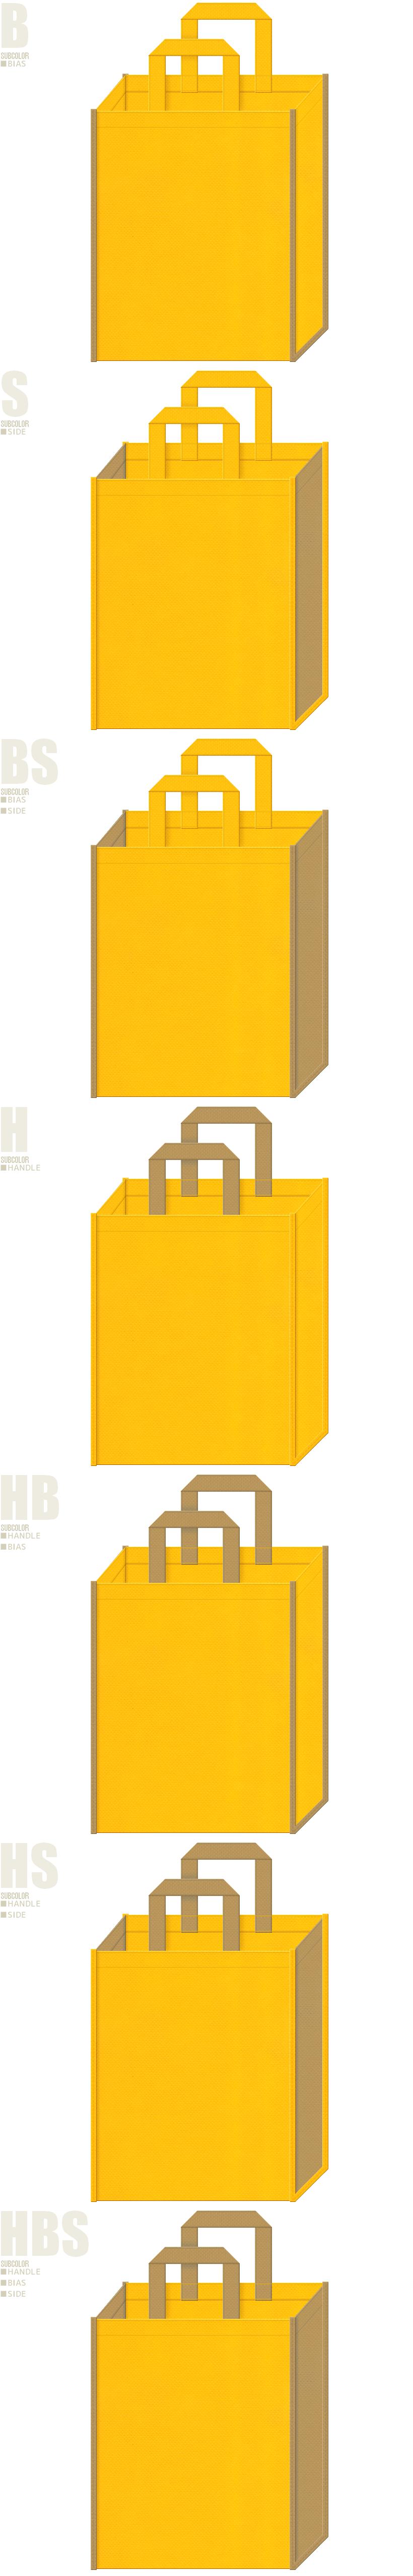 黄色と金色系黄土色、7パターンの不織布トートバッグ配色デザイン例。